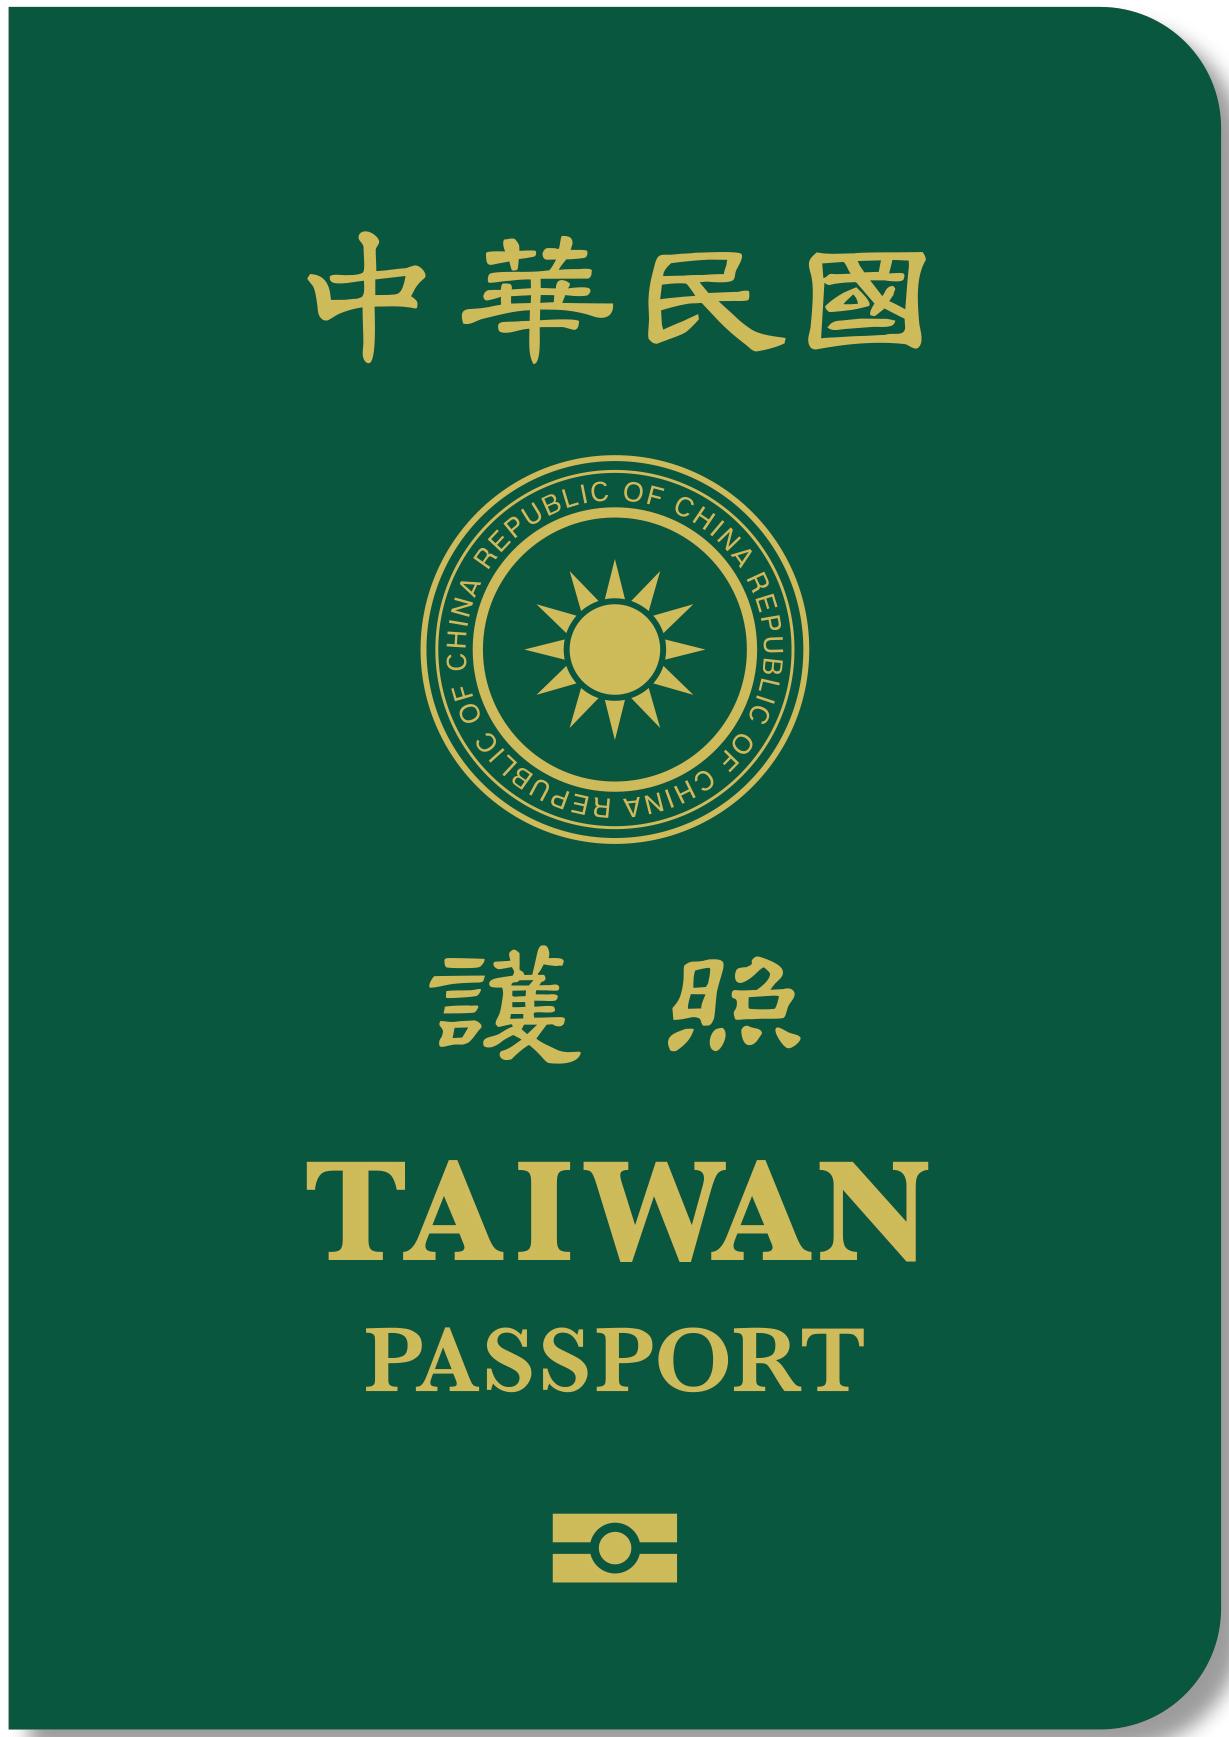 中華民國臺灣地區護照(ROC Taiwan Passport)